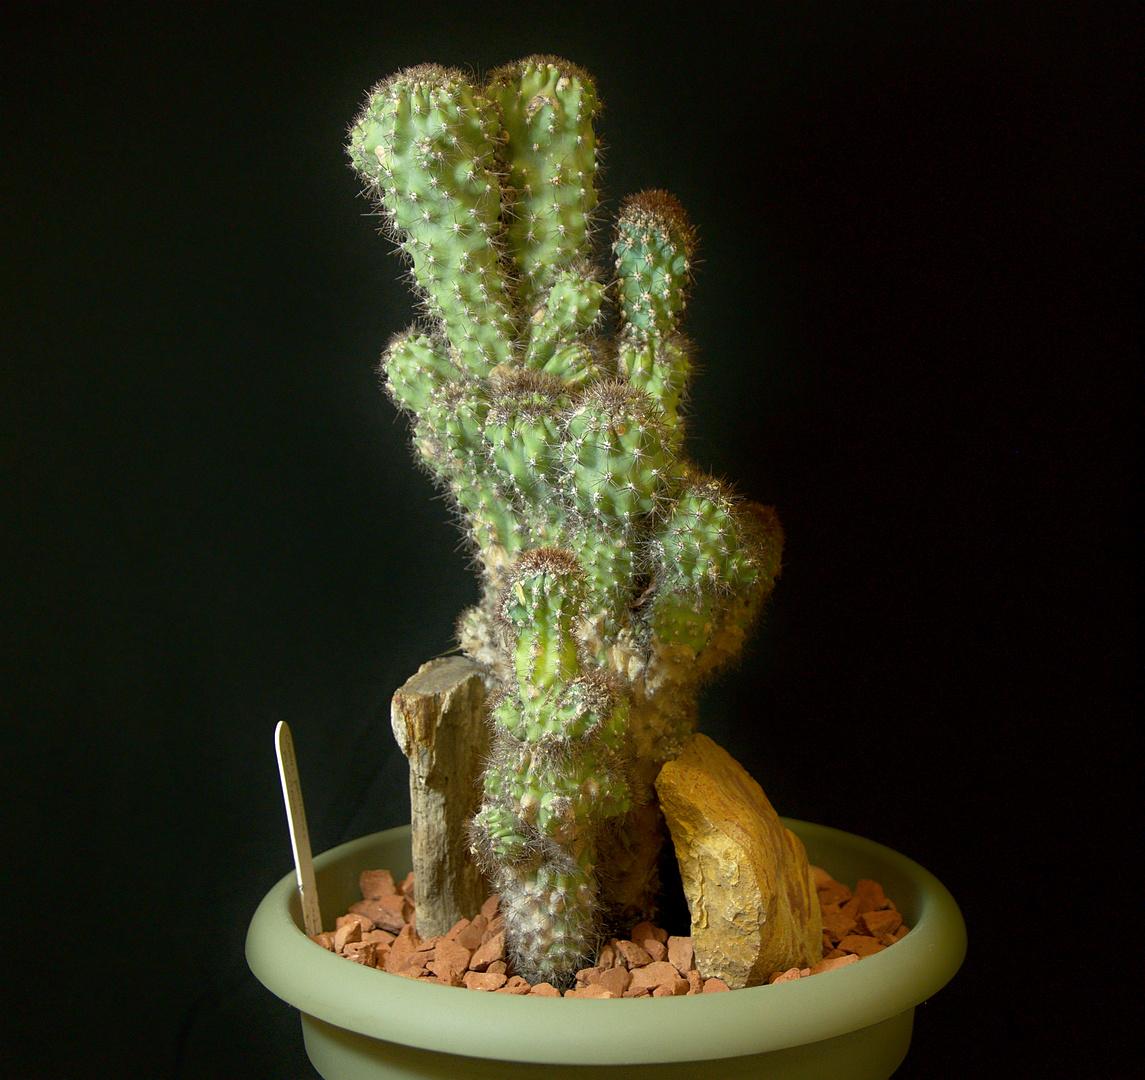 SCCSS 2017 November - Winner Intermediate Cactus - Phyllis DeCrescenzo - Cereus peruvianus f. monstruosus